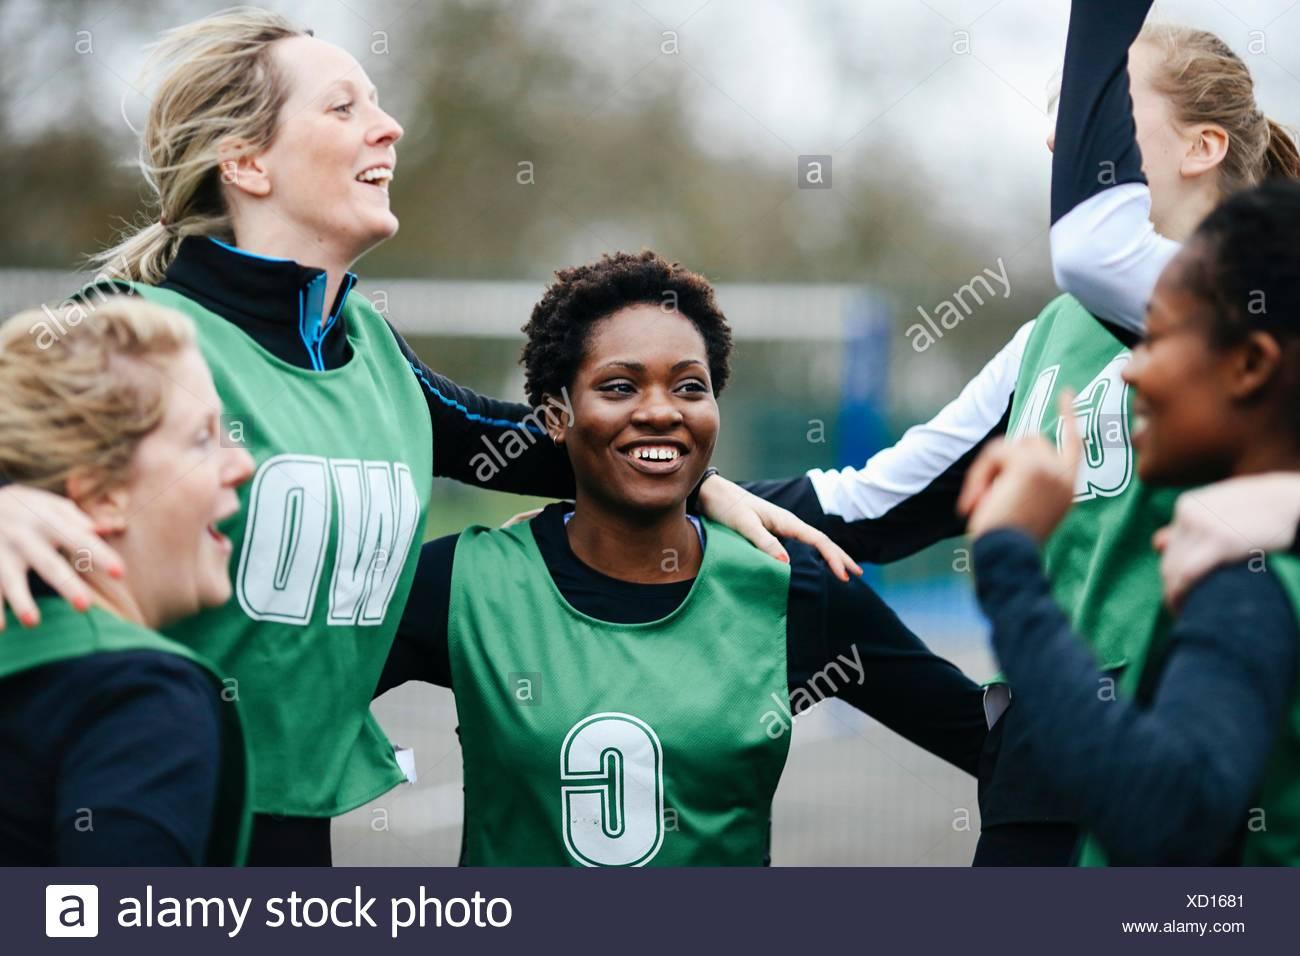 Female netball team celebrating win on netball court - Stock Image